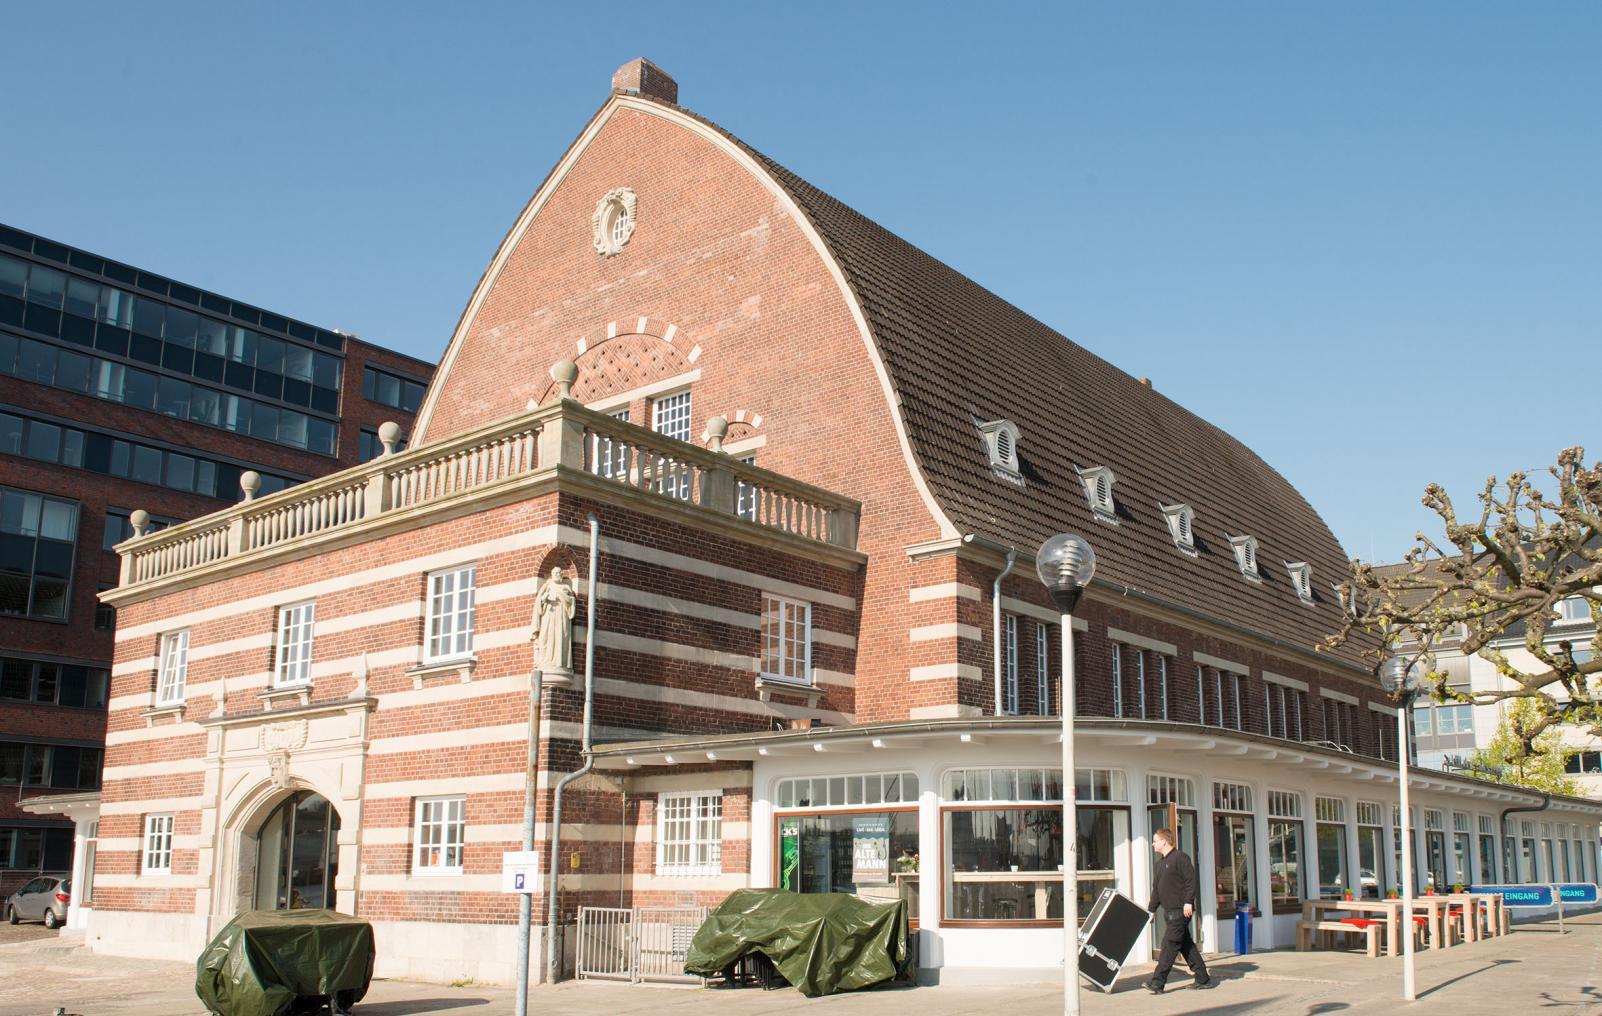 Schifffahrtsmuseum Kiel wieder geöffnet